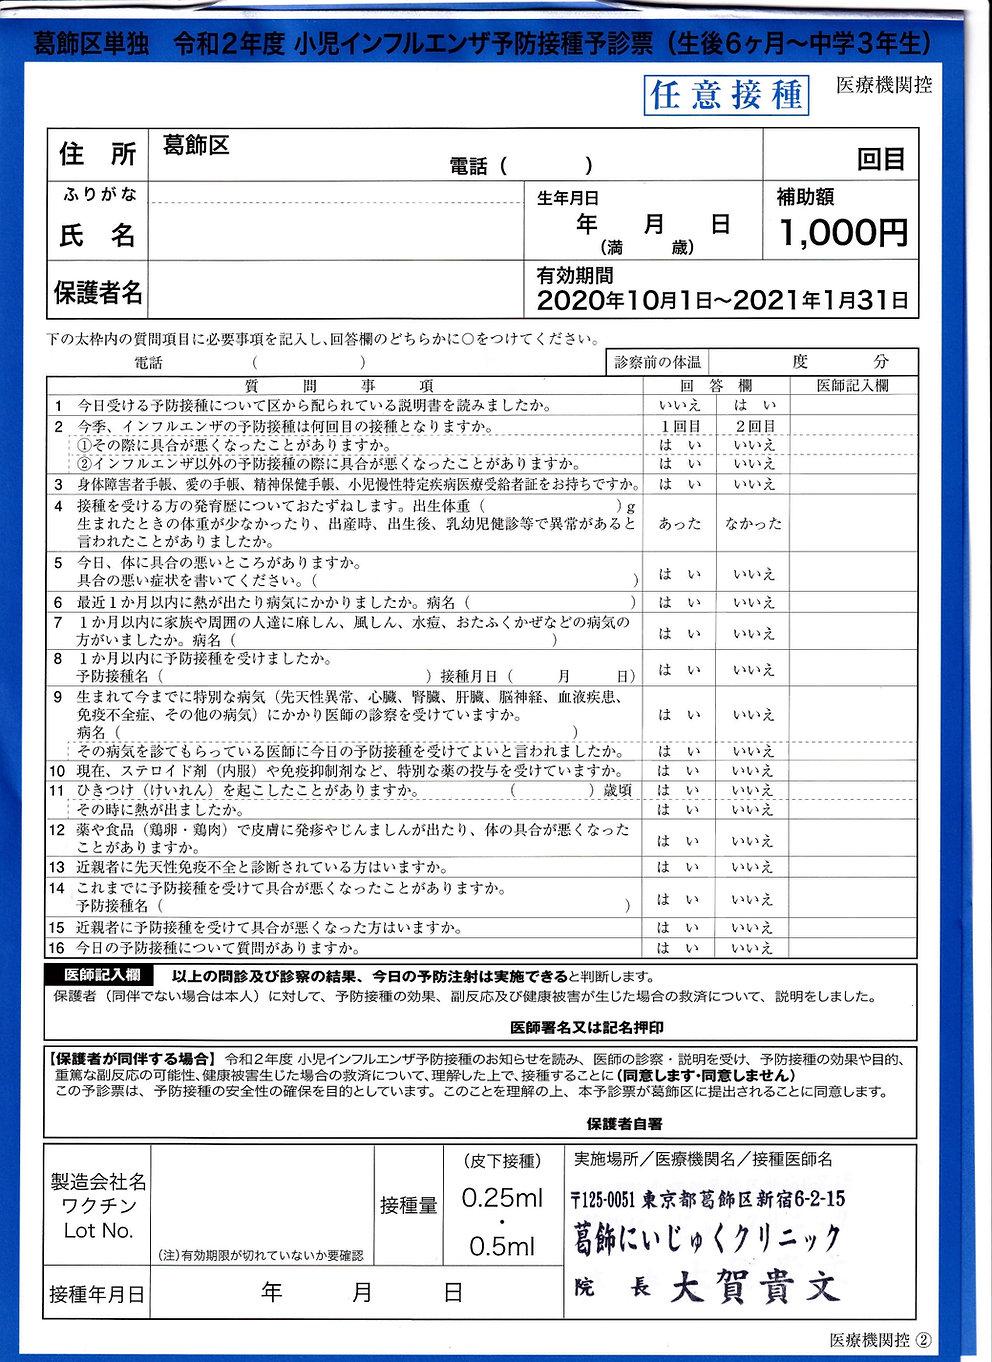 インフルエンザ予防接種 予診票 小児用2枚目_page-0001.jpg